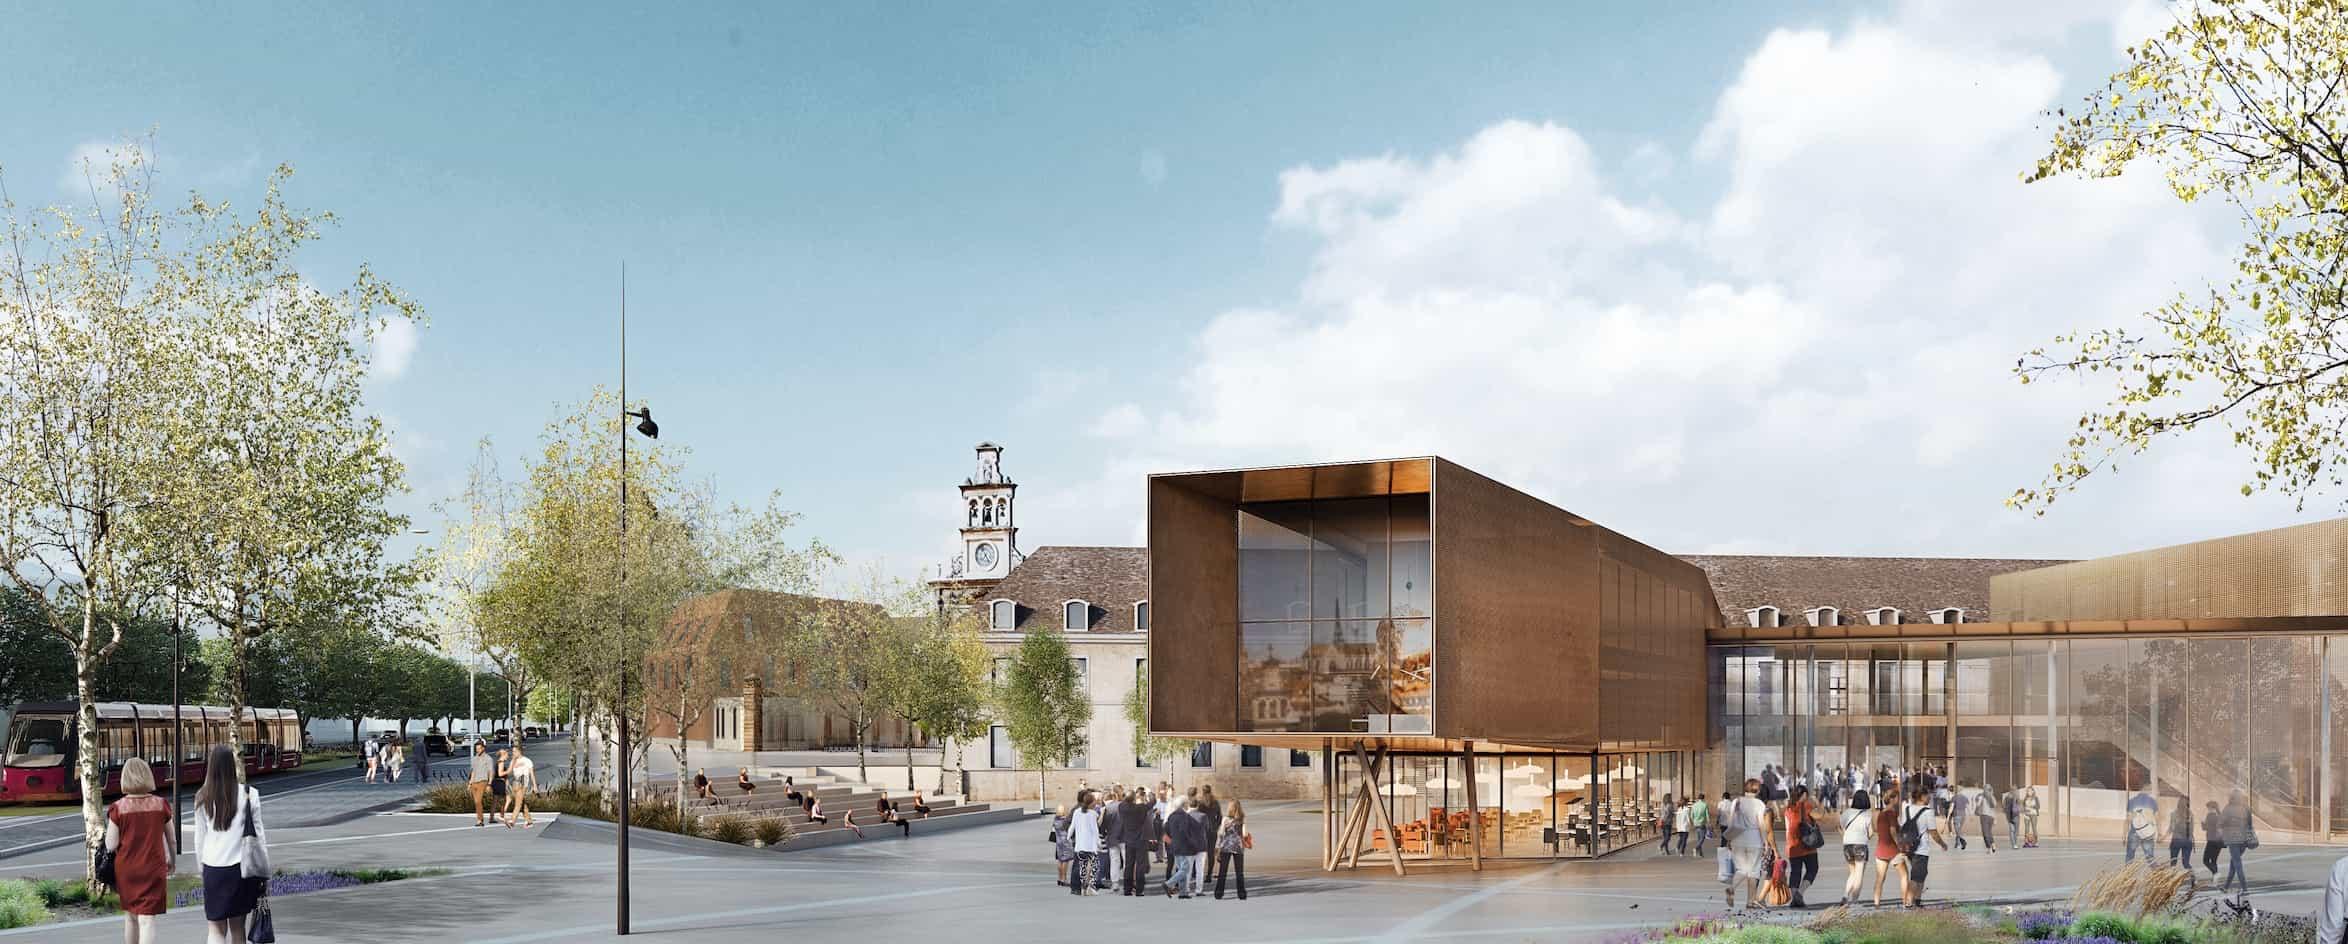 Dijon : la future Cité internationale de la Gastronomie et du Vin